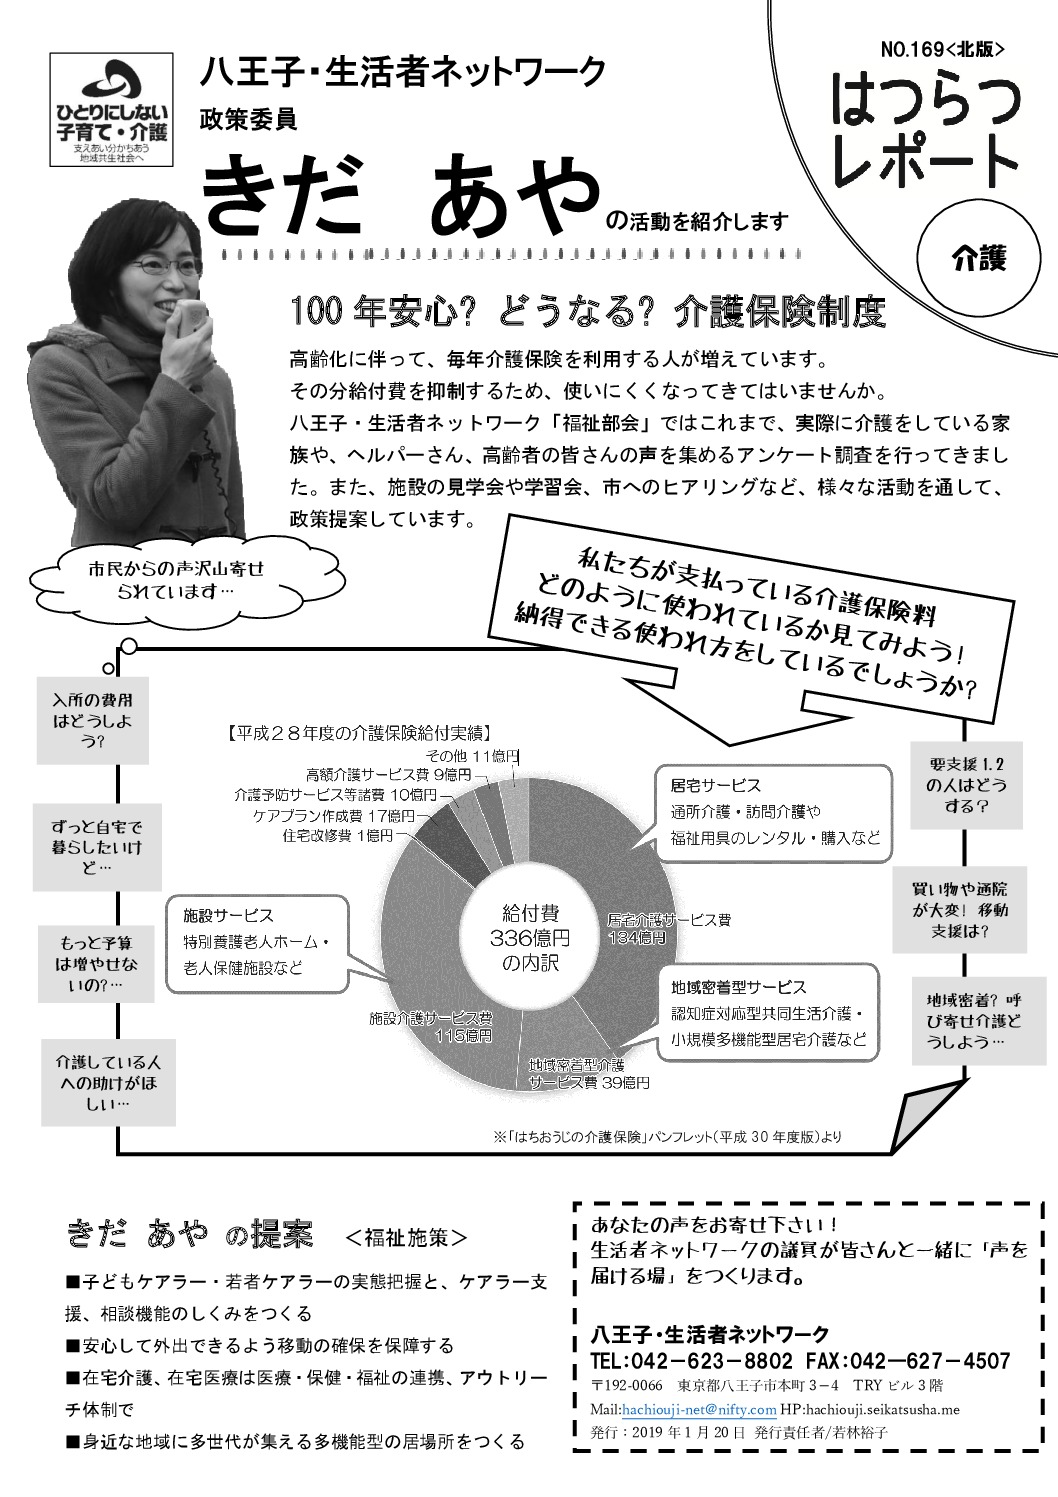 はつらつレポート介護 – 木田%u3000最終のサムネイル